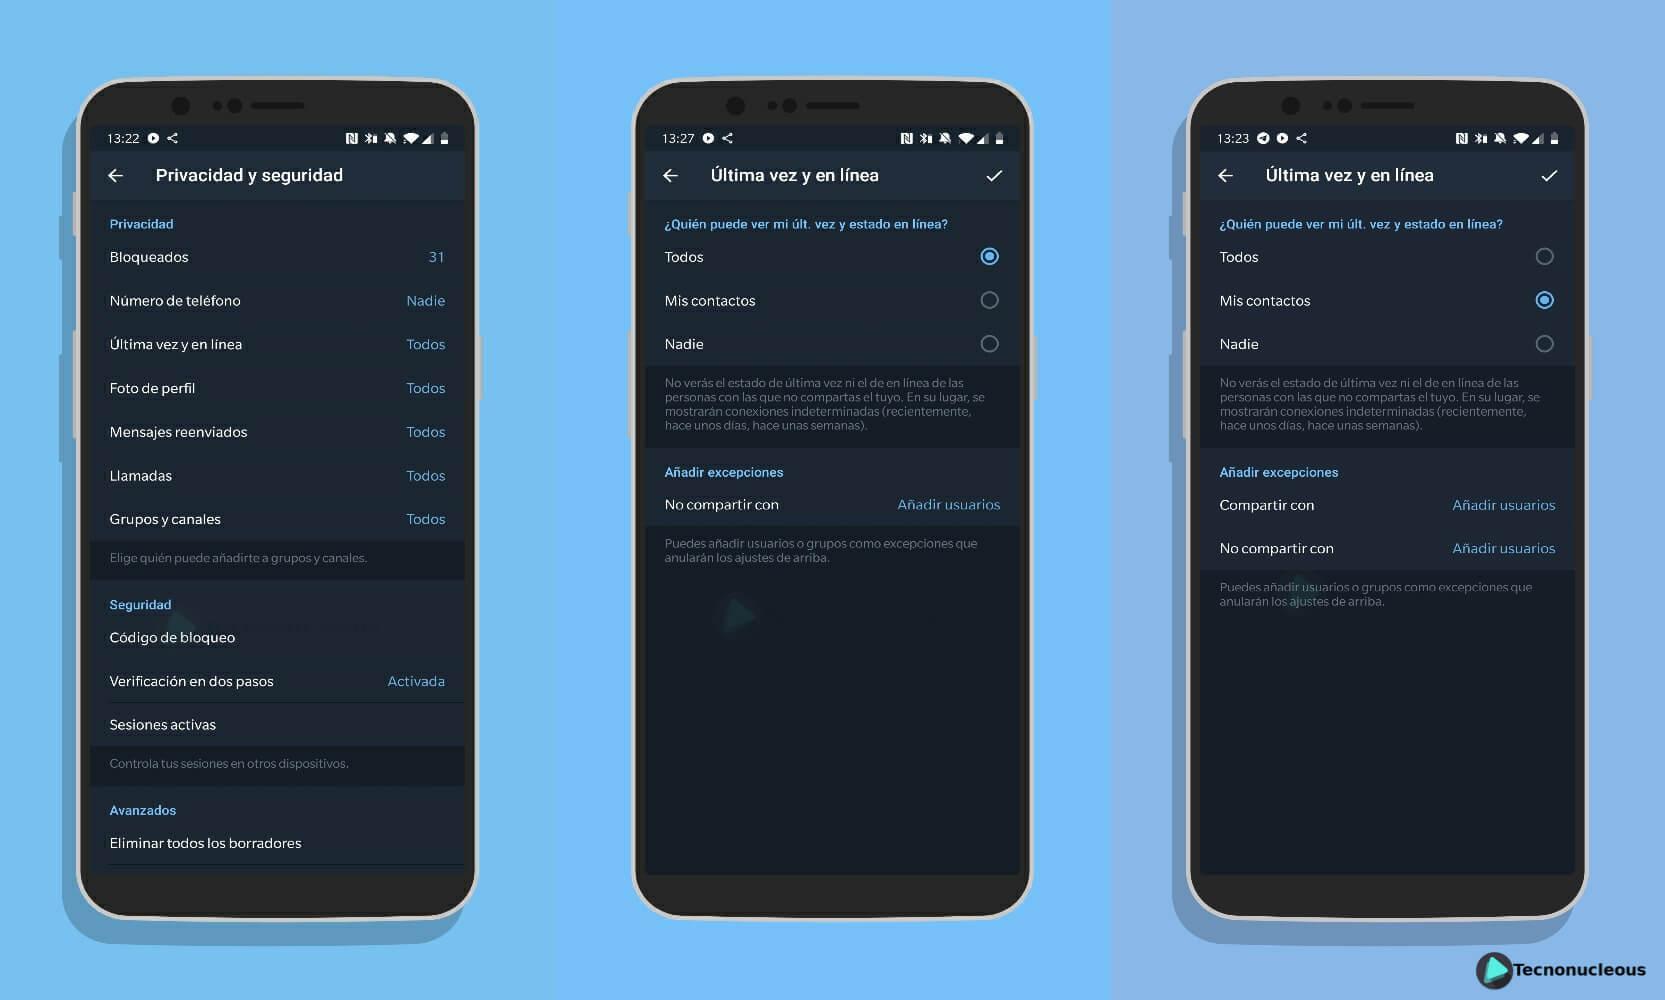 Modificar opciones Última vez y en línea Telegram